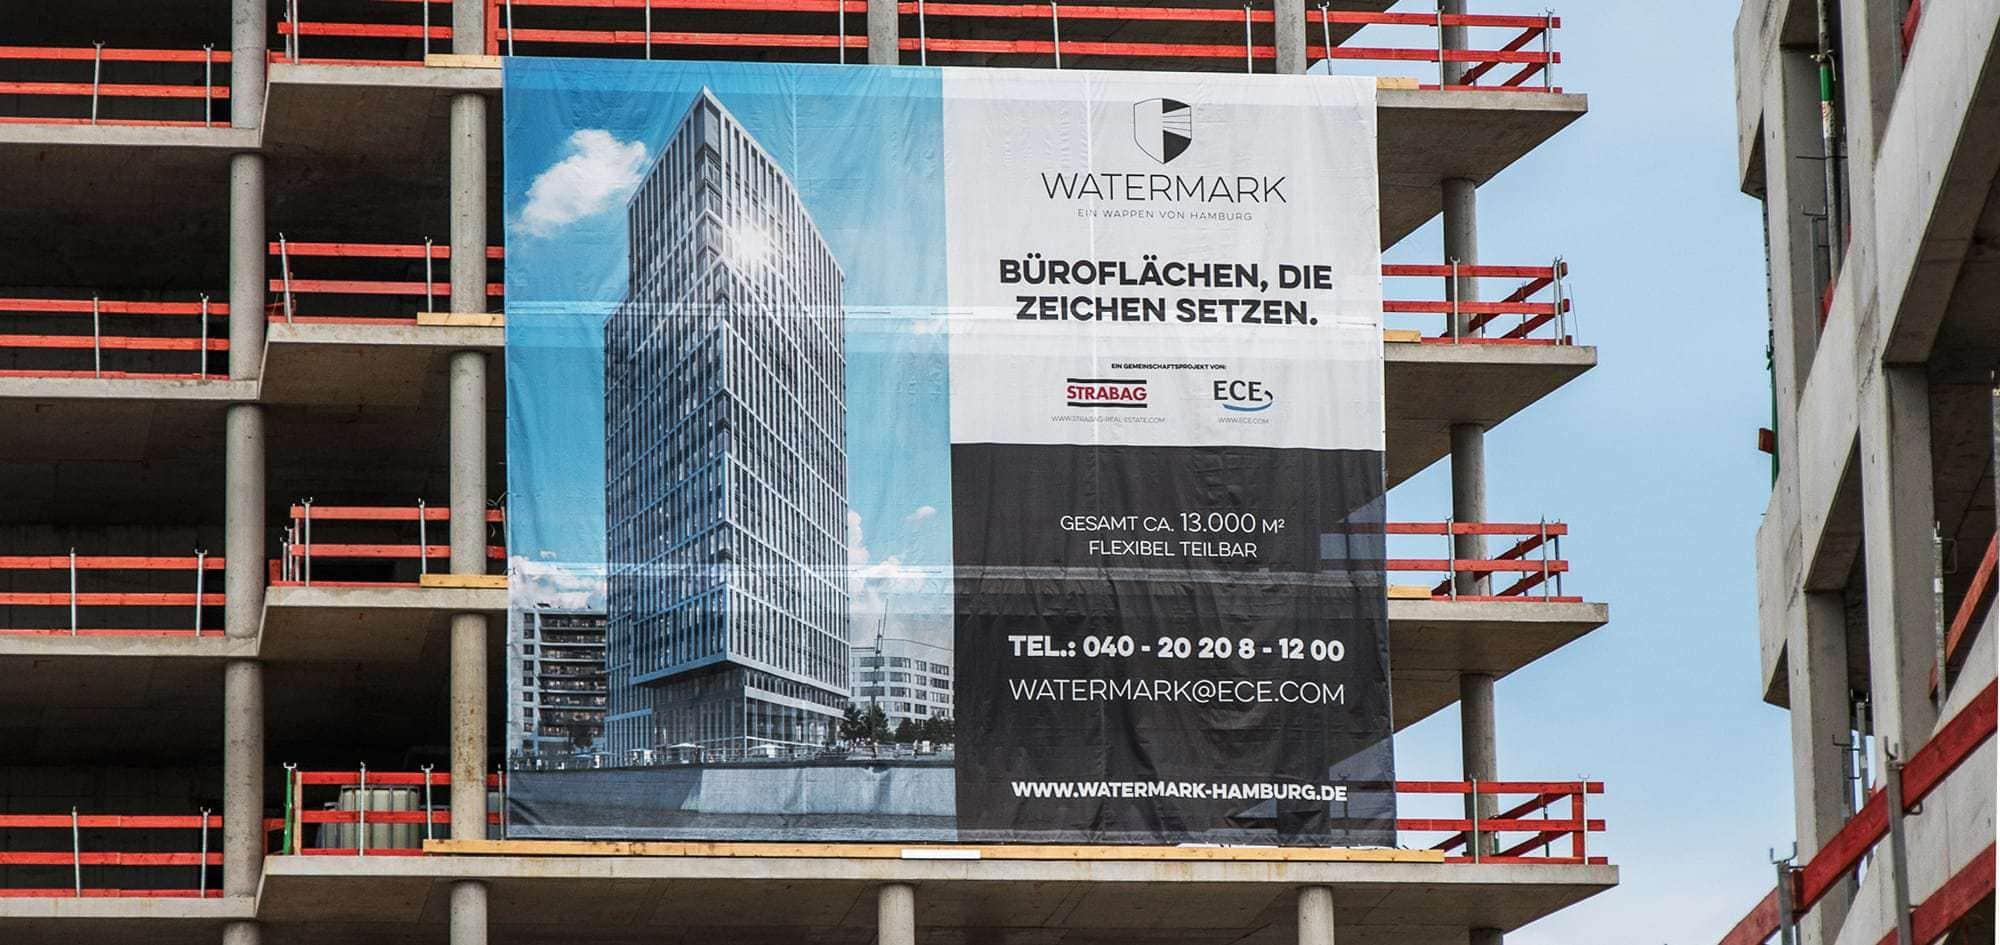 Das Foto zeigt eine Netzvinyl-Plane oder auch Messe-Plane. Sie ist an einem Gebäude in der Hamburger Hafencity befestigt